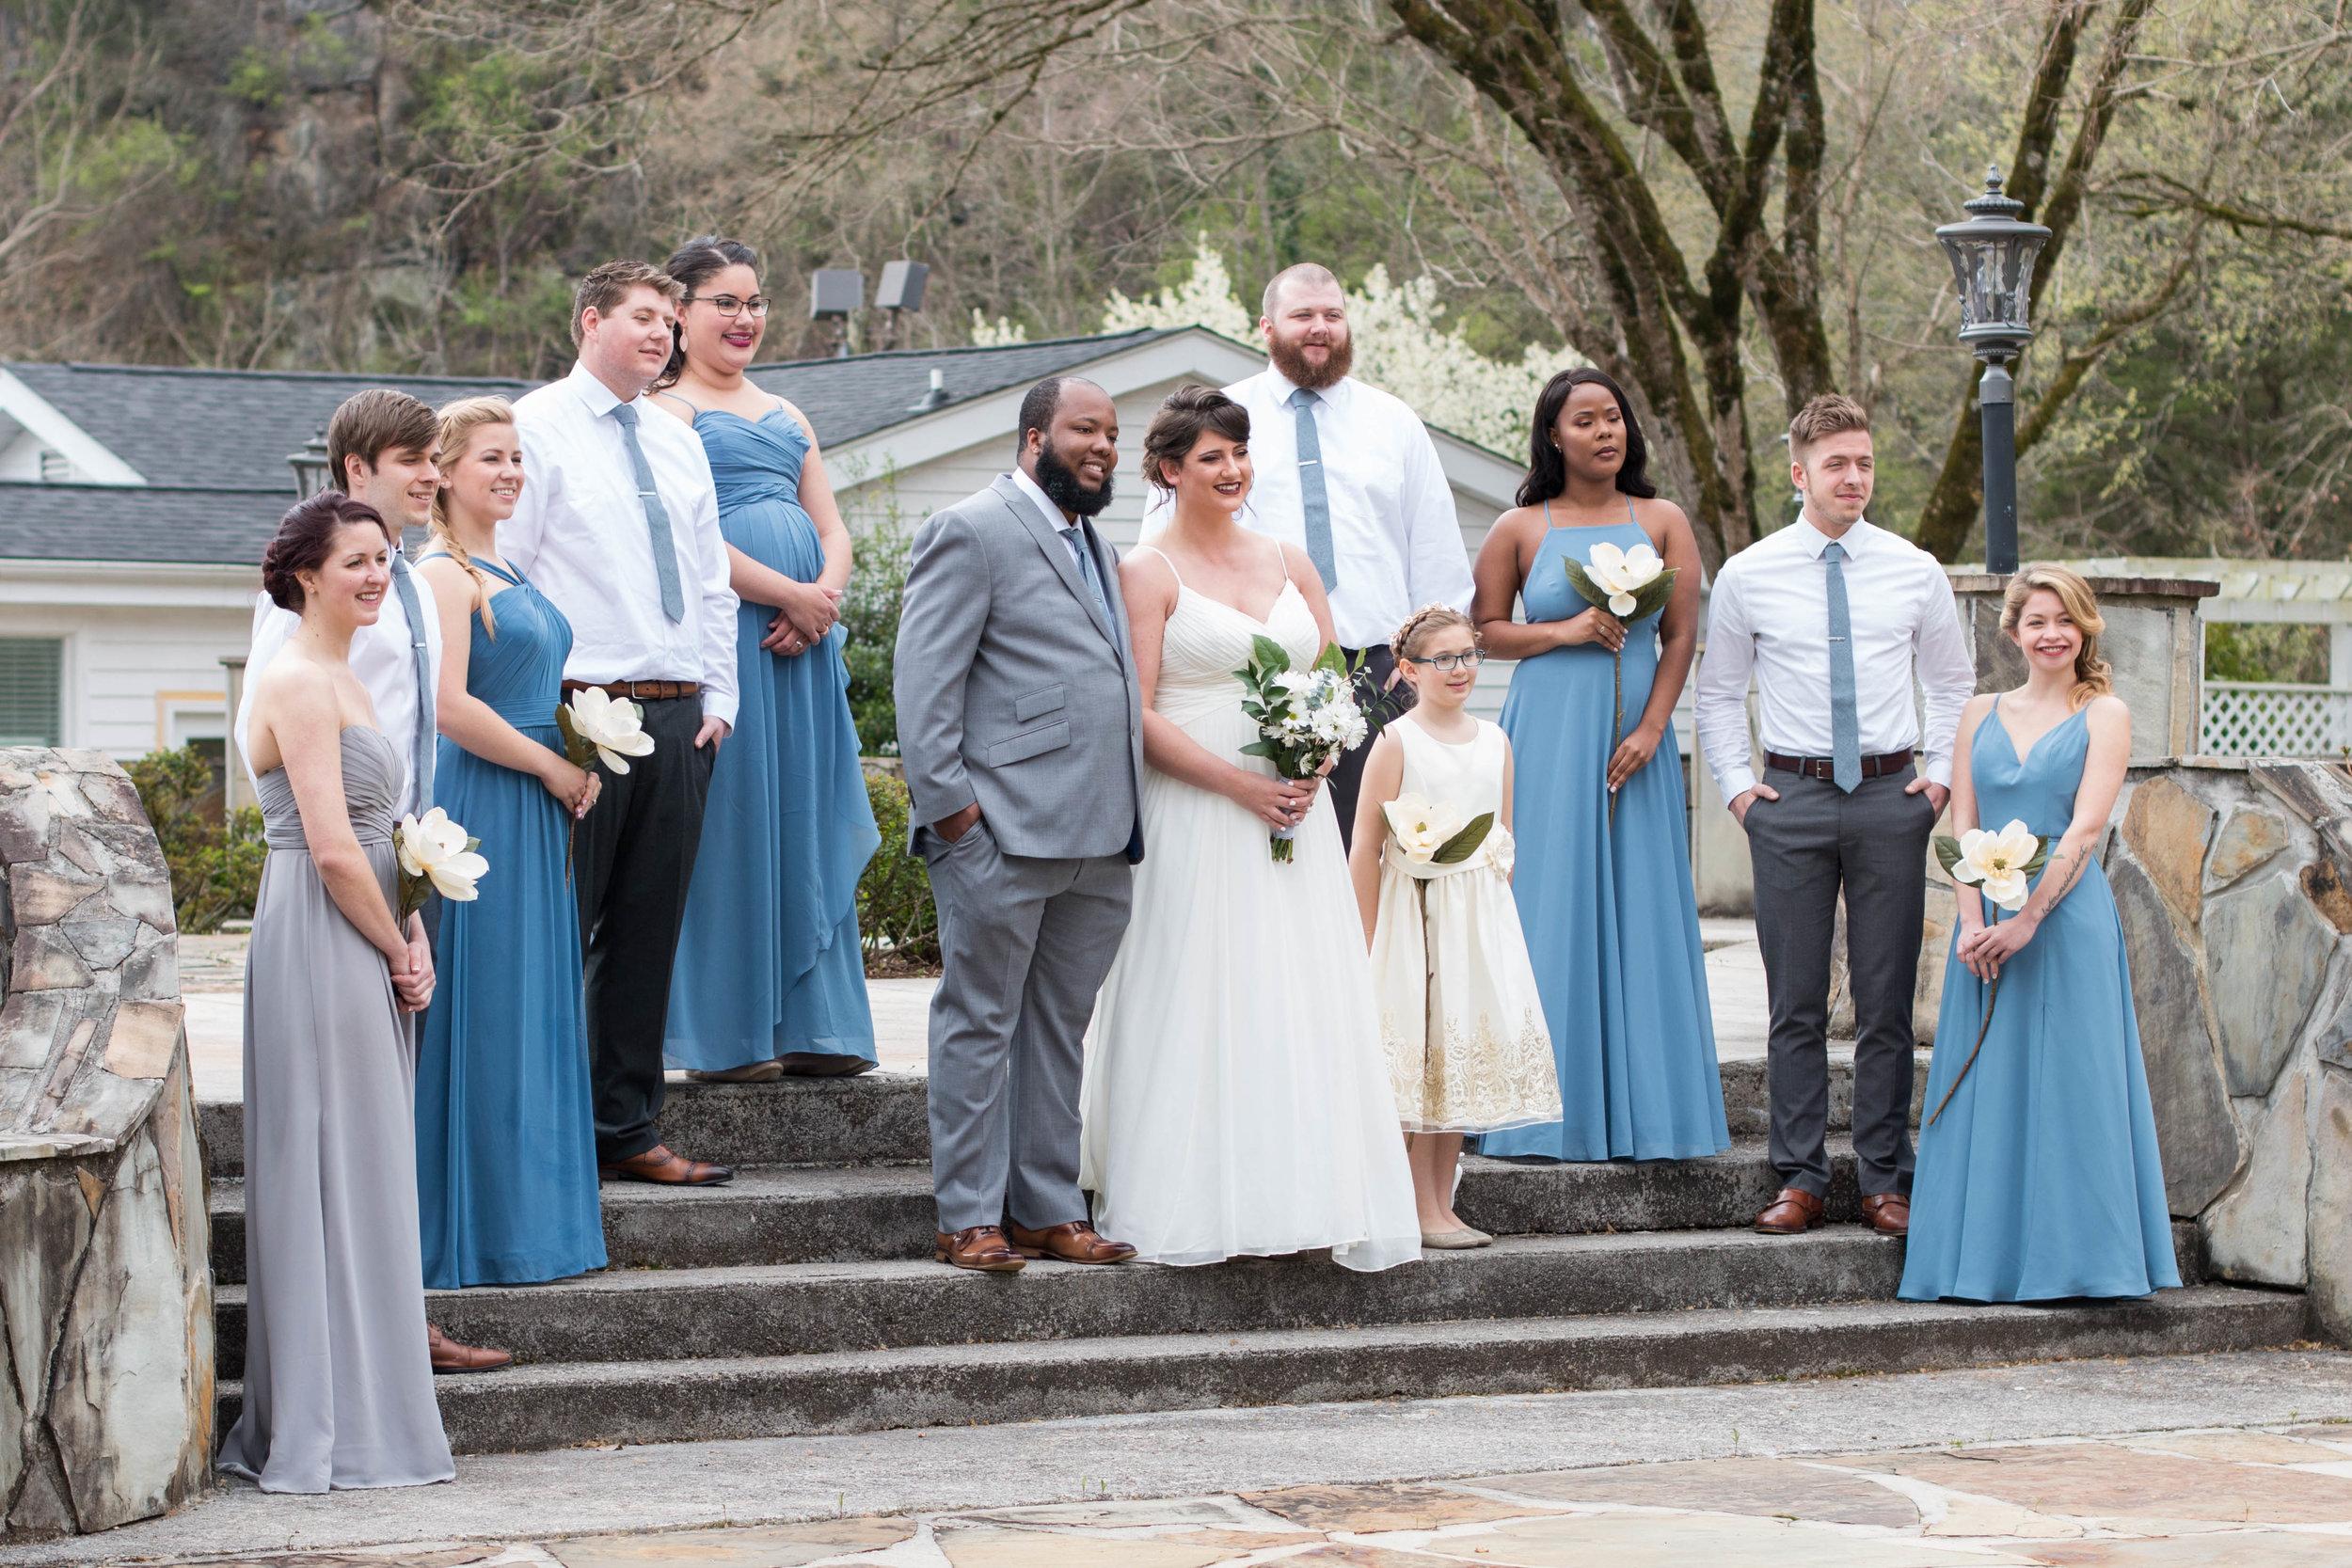 weddingparty-088.jpg